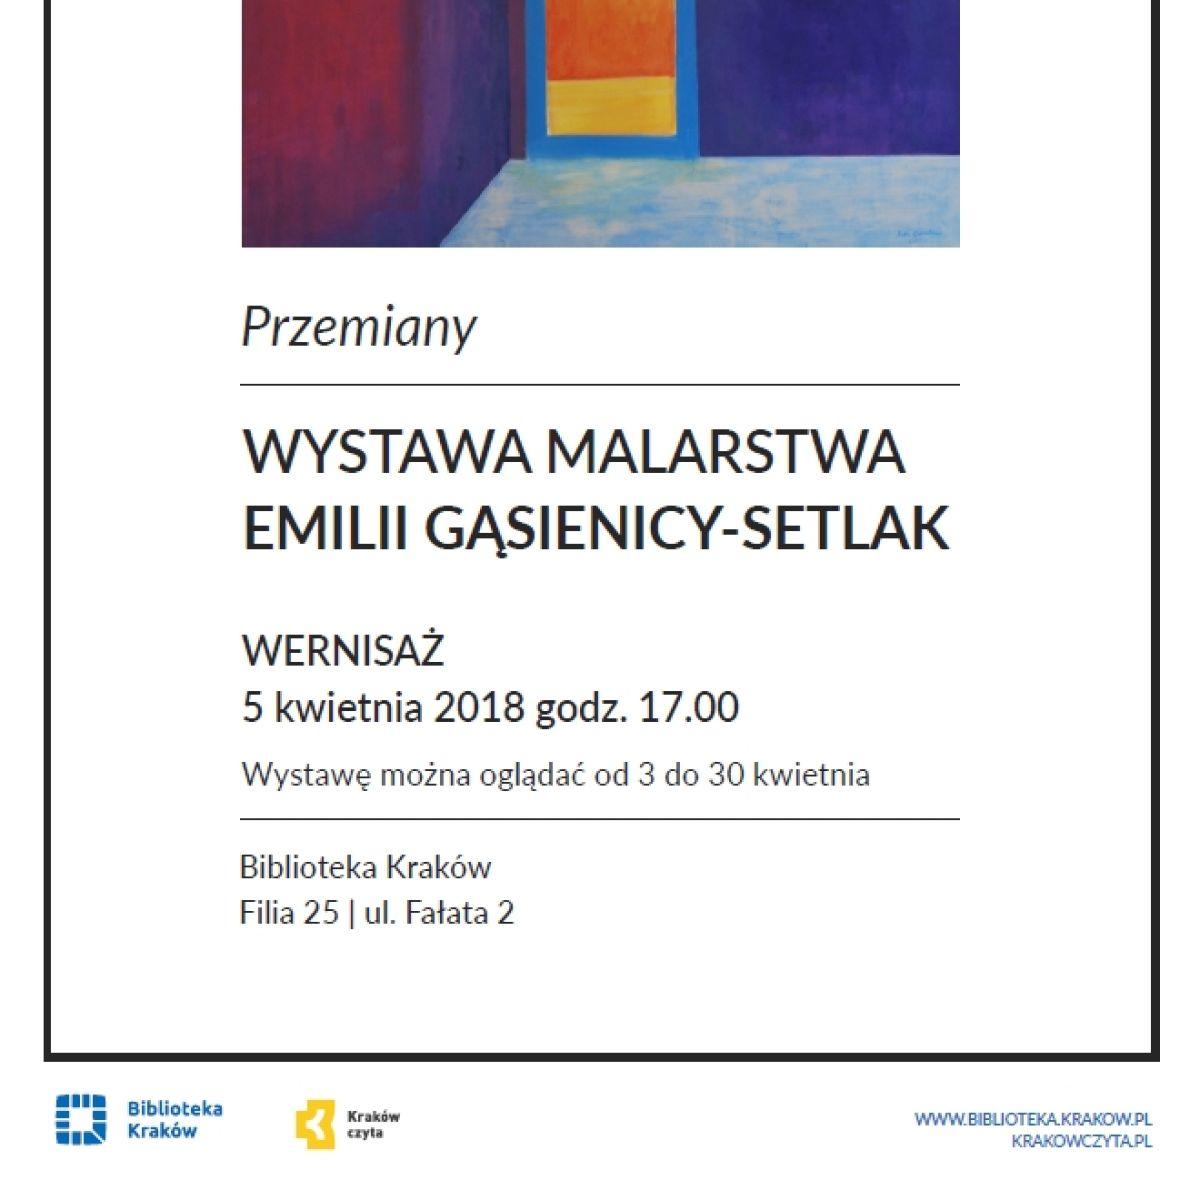 """Wystawa malarstwa Emilii Gąsienicy-Setlak """"Przemiany"""""""